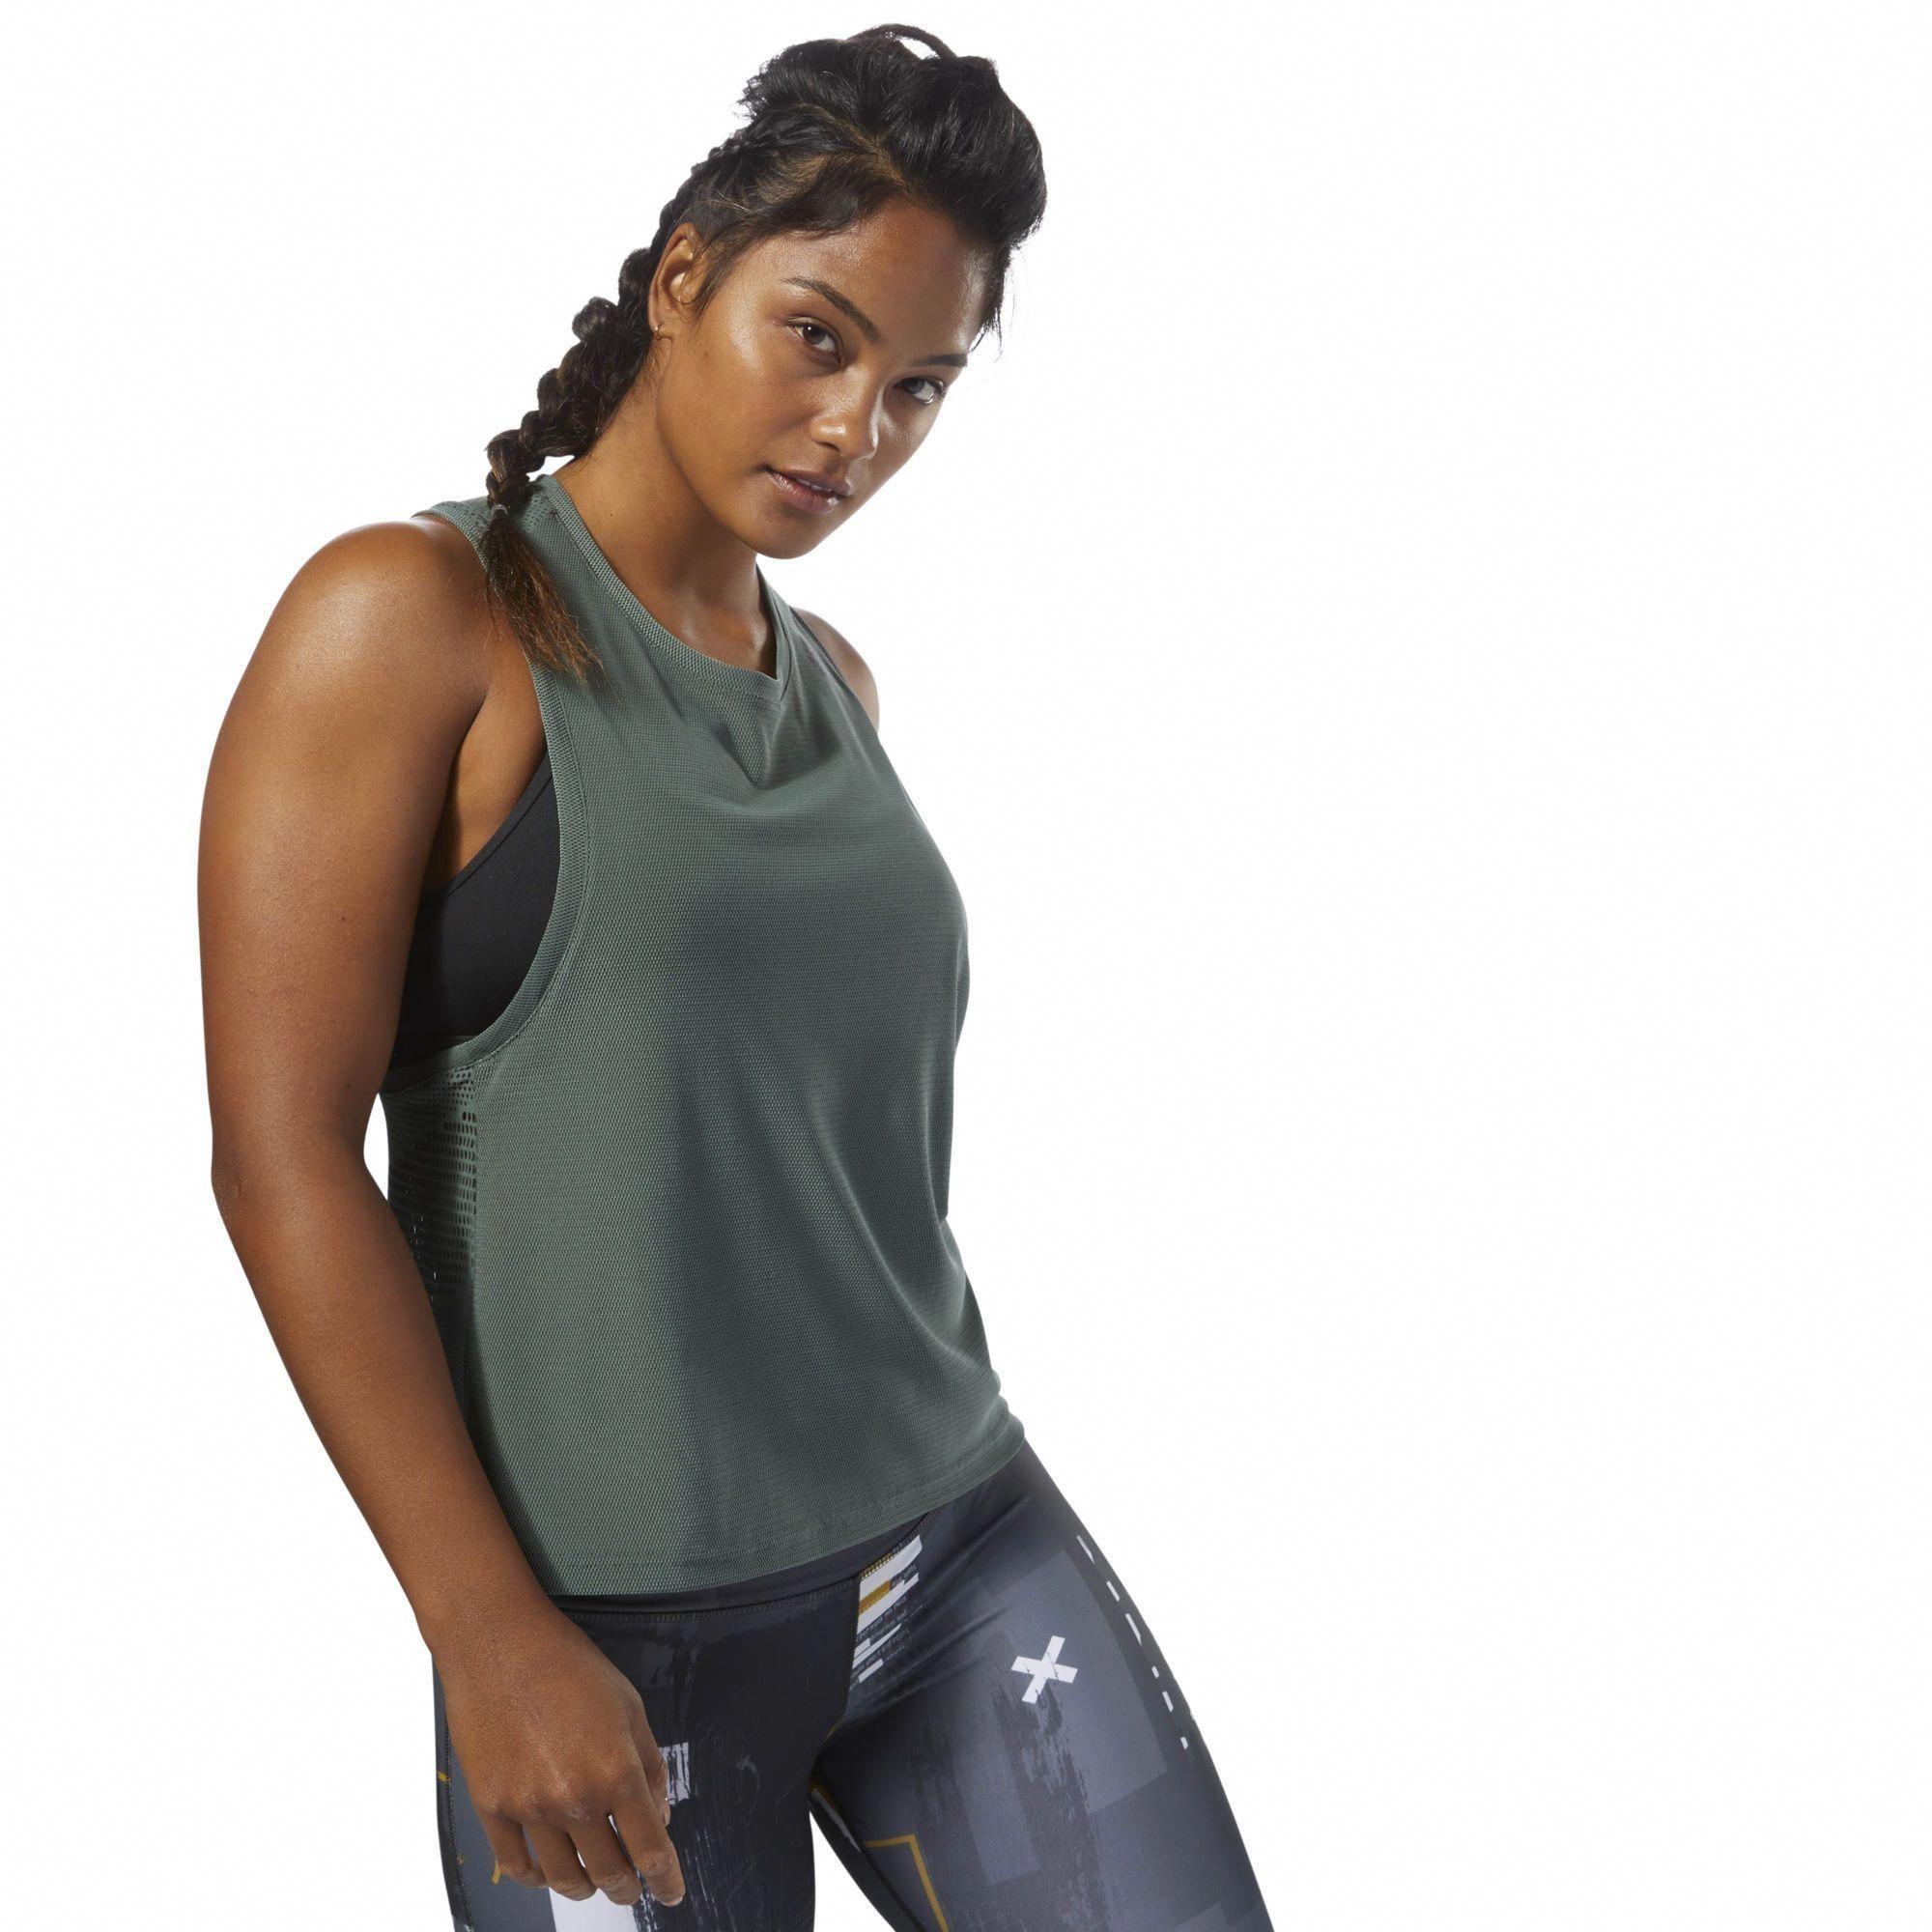 Fitness Franchises For Sale FitnessClassesNearMe